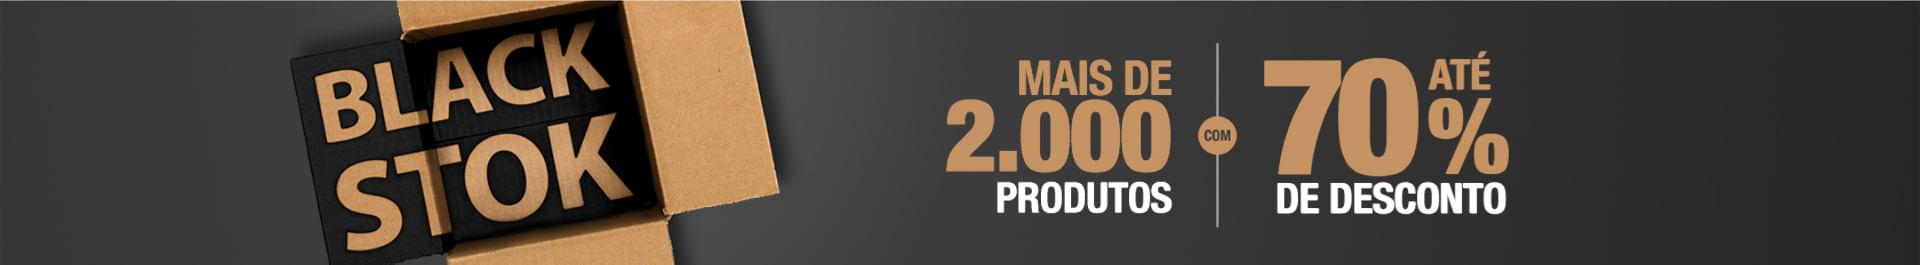 BLACK STOK - MAIS 2000 PRODUTOS COM ATÉ 70% DE DESCONTO